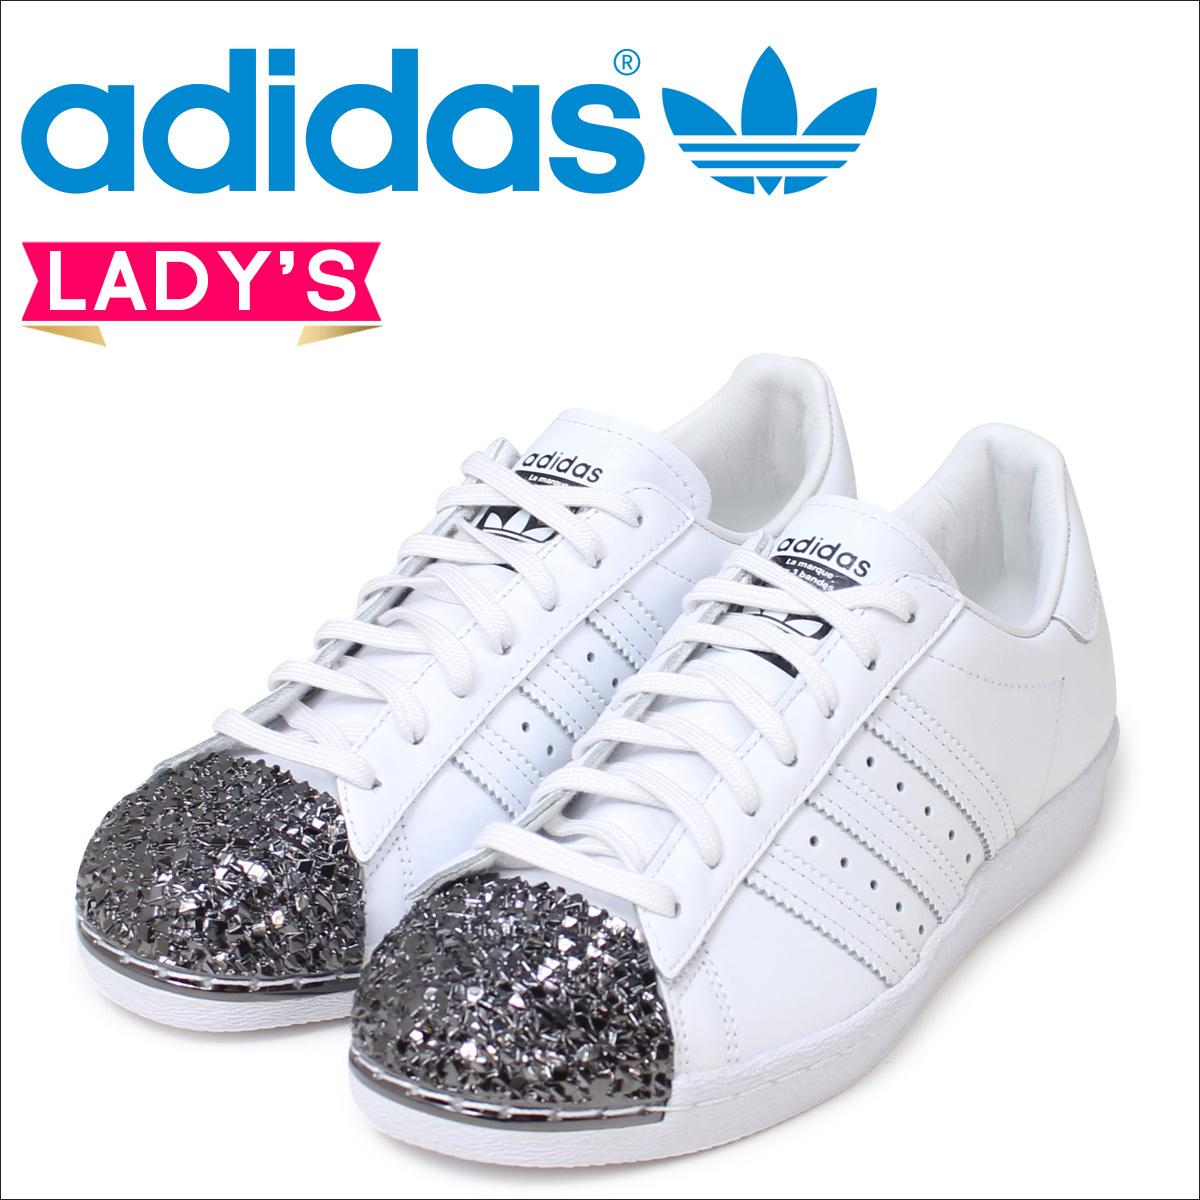 adidas superstar glitter price